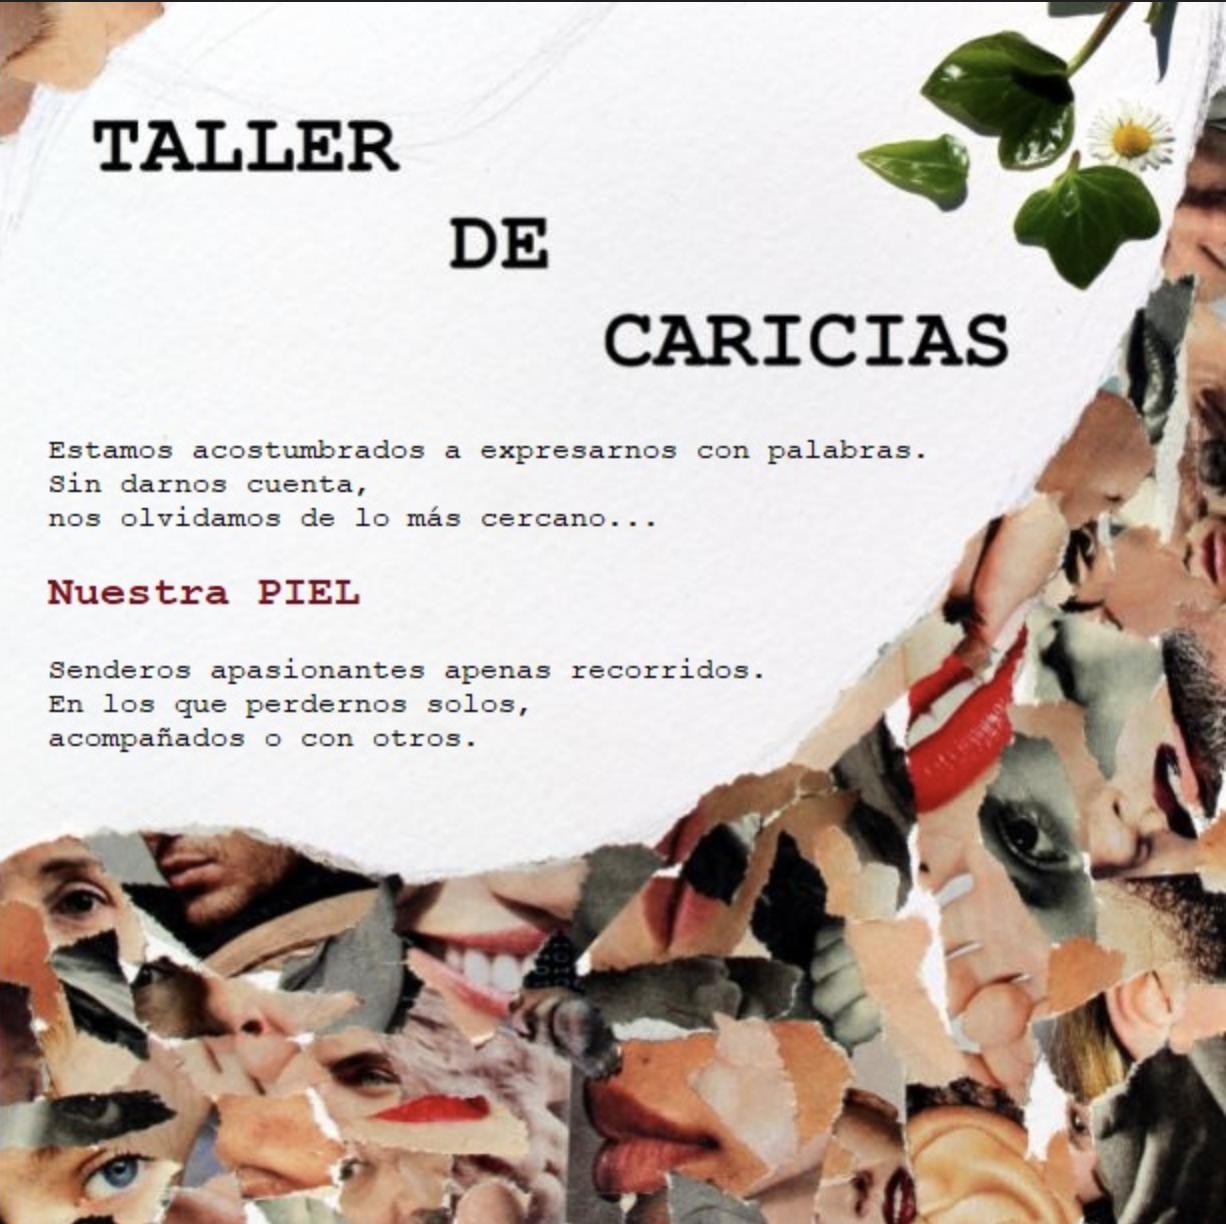 Taller de caricias Lucía Sumillera